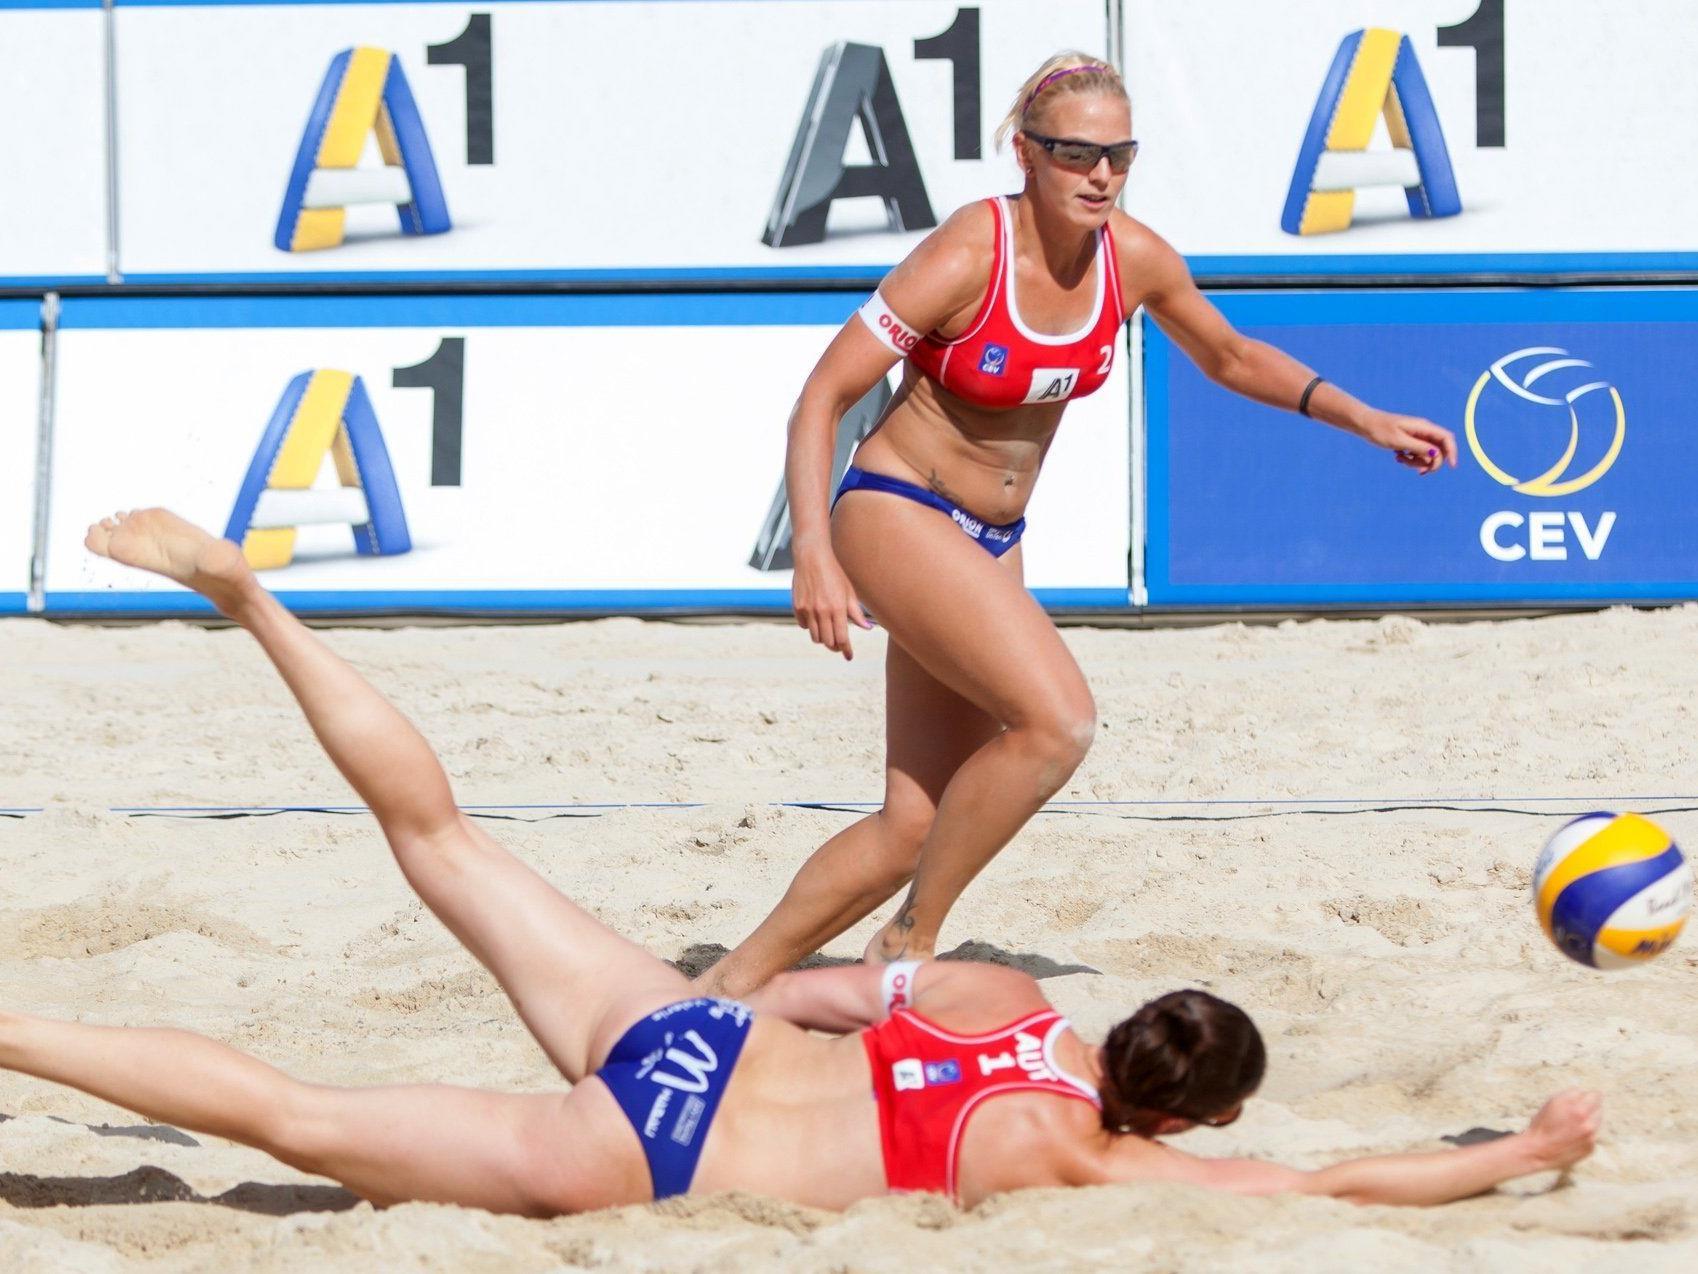 Beach-Volleball: EM-Ergebnisse 3 - Teufl/Klopf verloren 0:2